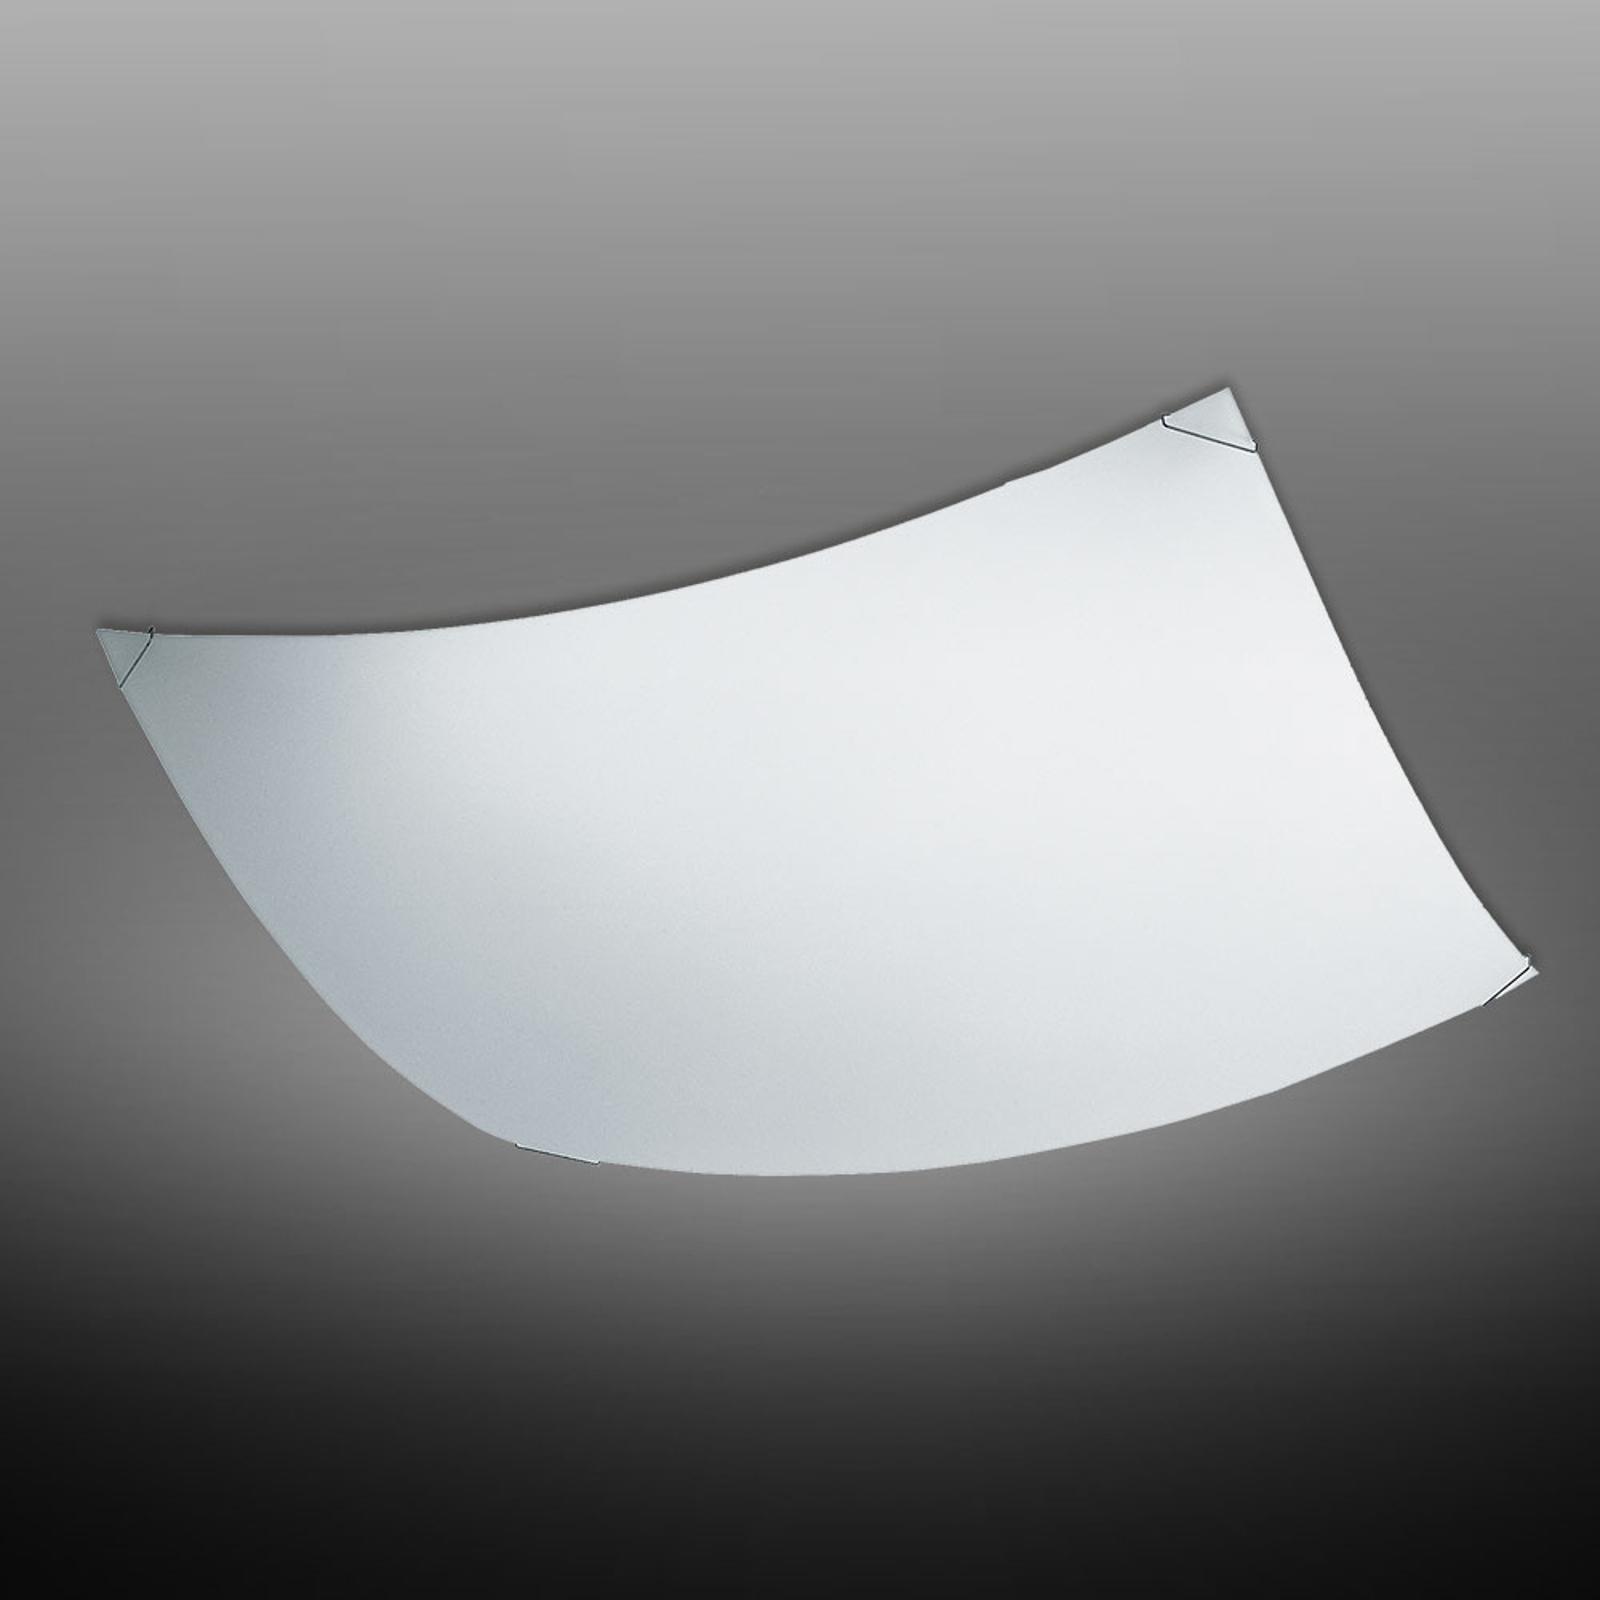 Lampa sufitowa QUADRA ICE, 55 cm